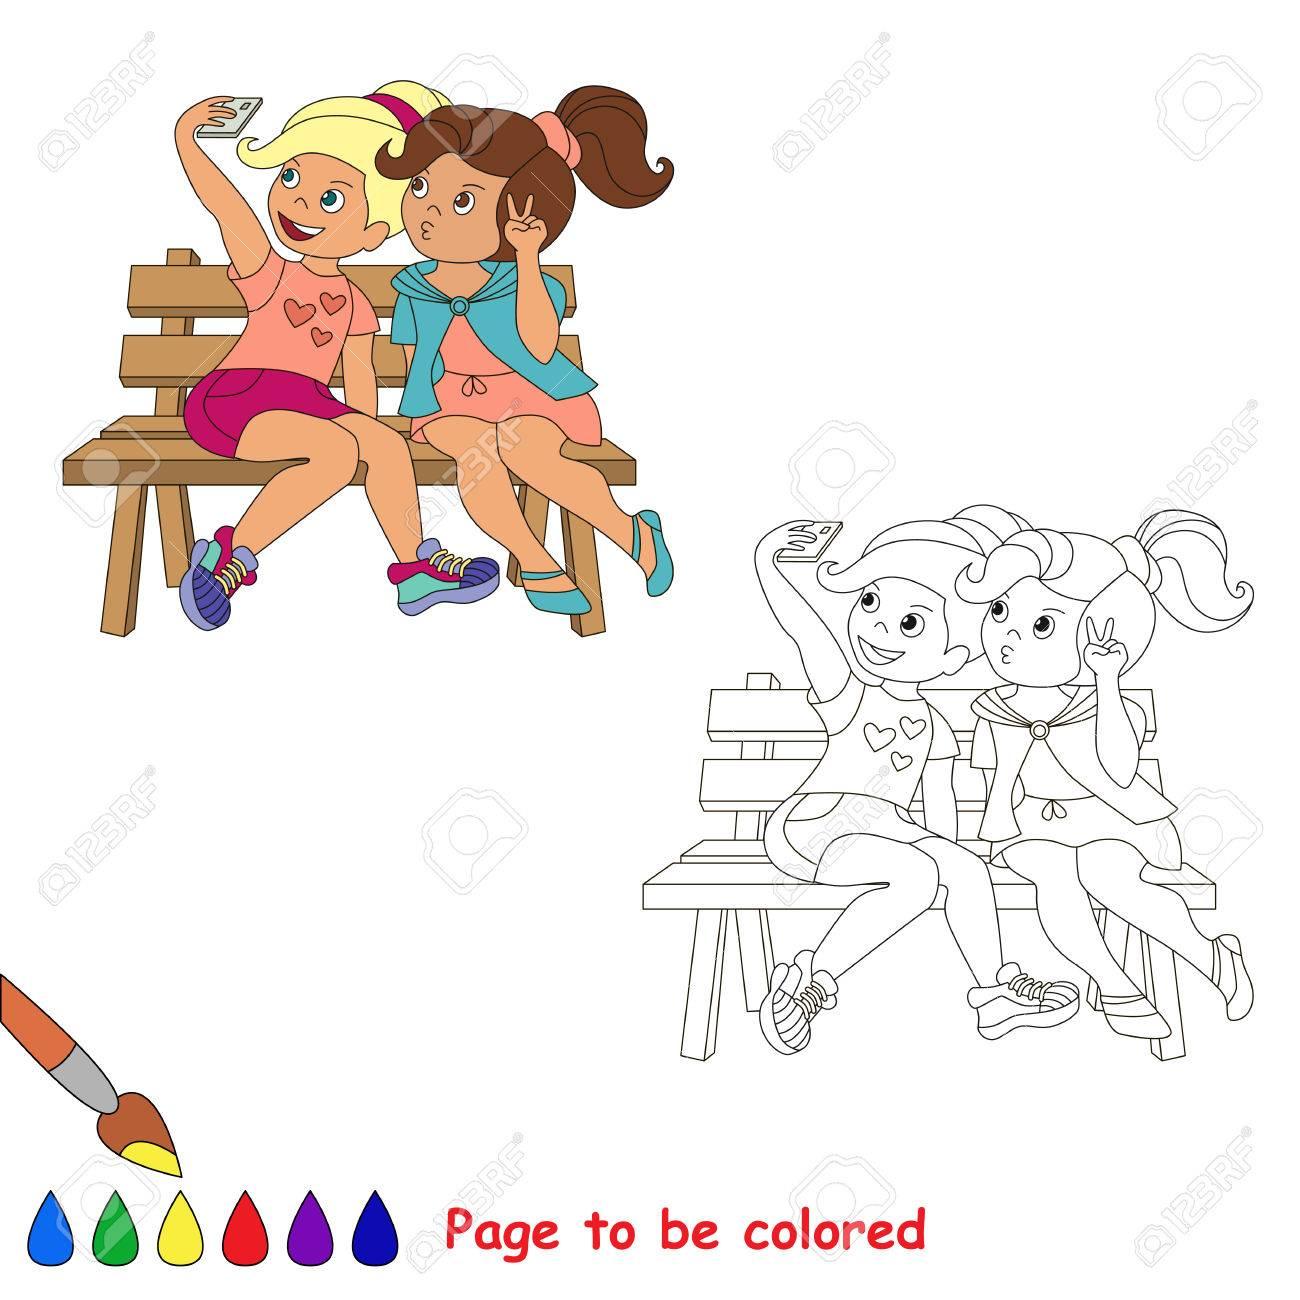 Vector De Dibujos Animados Jugando Babyvector Amigos Niñas Con Teléfono Maquillaje Selfie Libro Para Colorear Para Los Niños